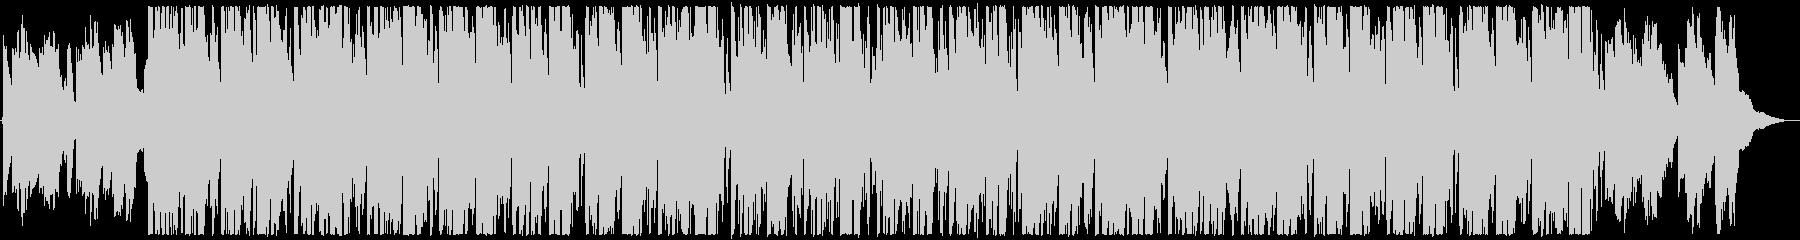 箏と尺八の荘厳な修行の和風曲の未再生の波形